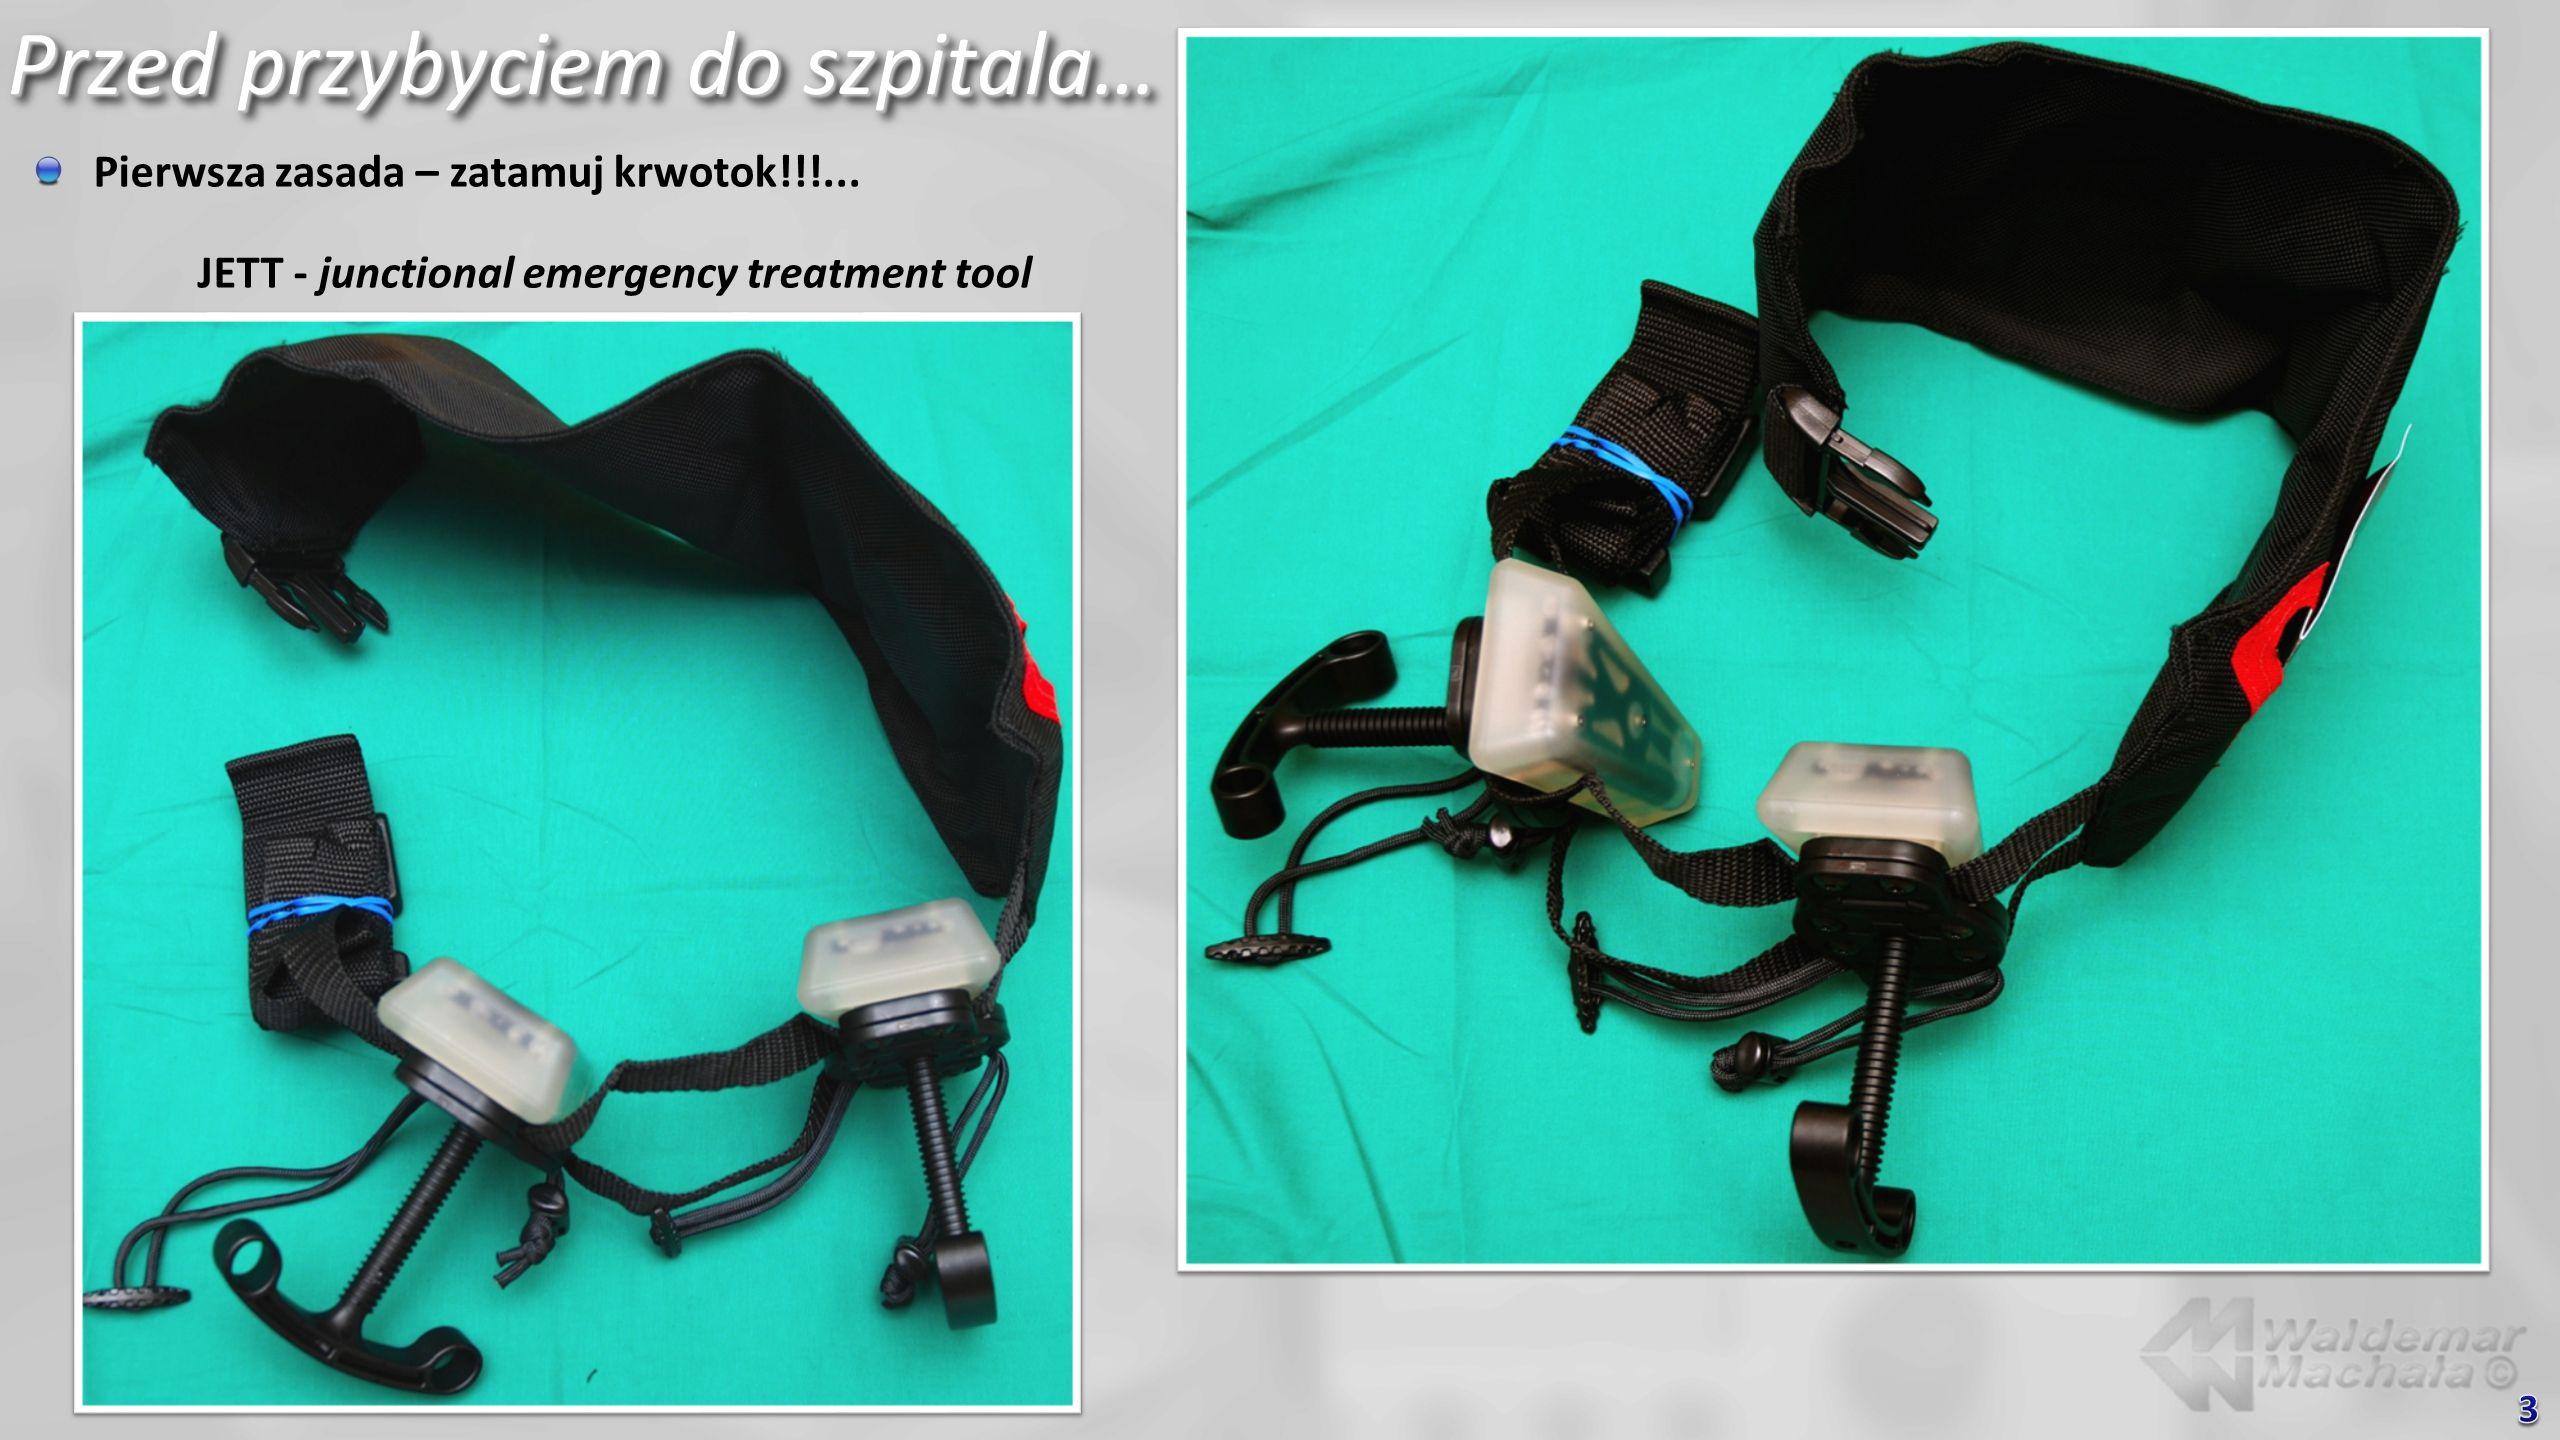 Przed przybyciem do szpitala… Pierwsza zasada – zatamuj krwotok!!!... JETT - junctional emergency treatment tool